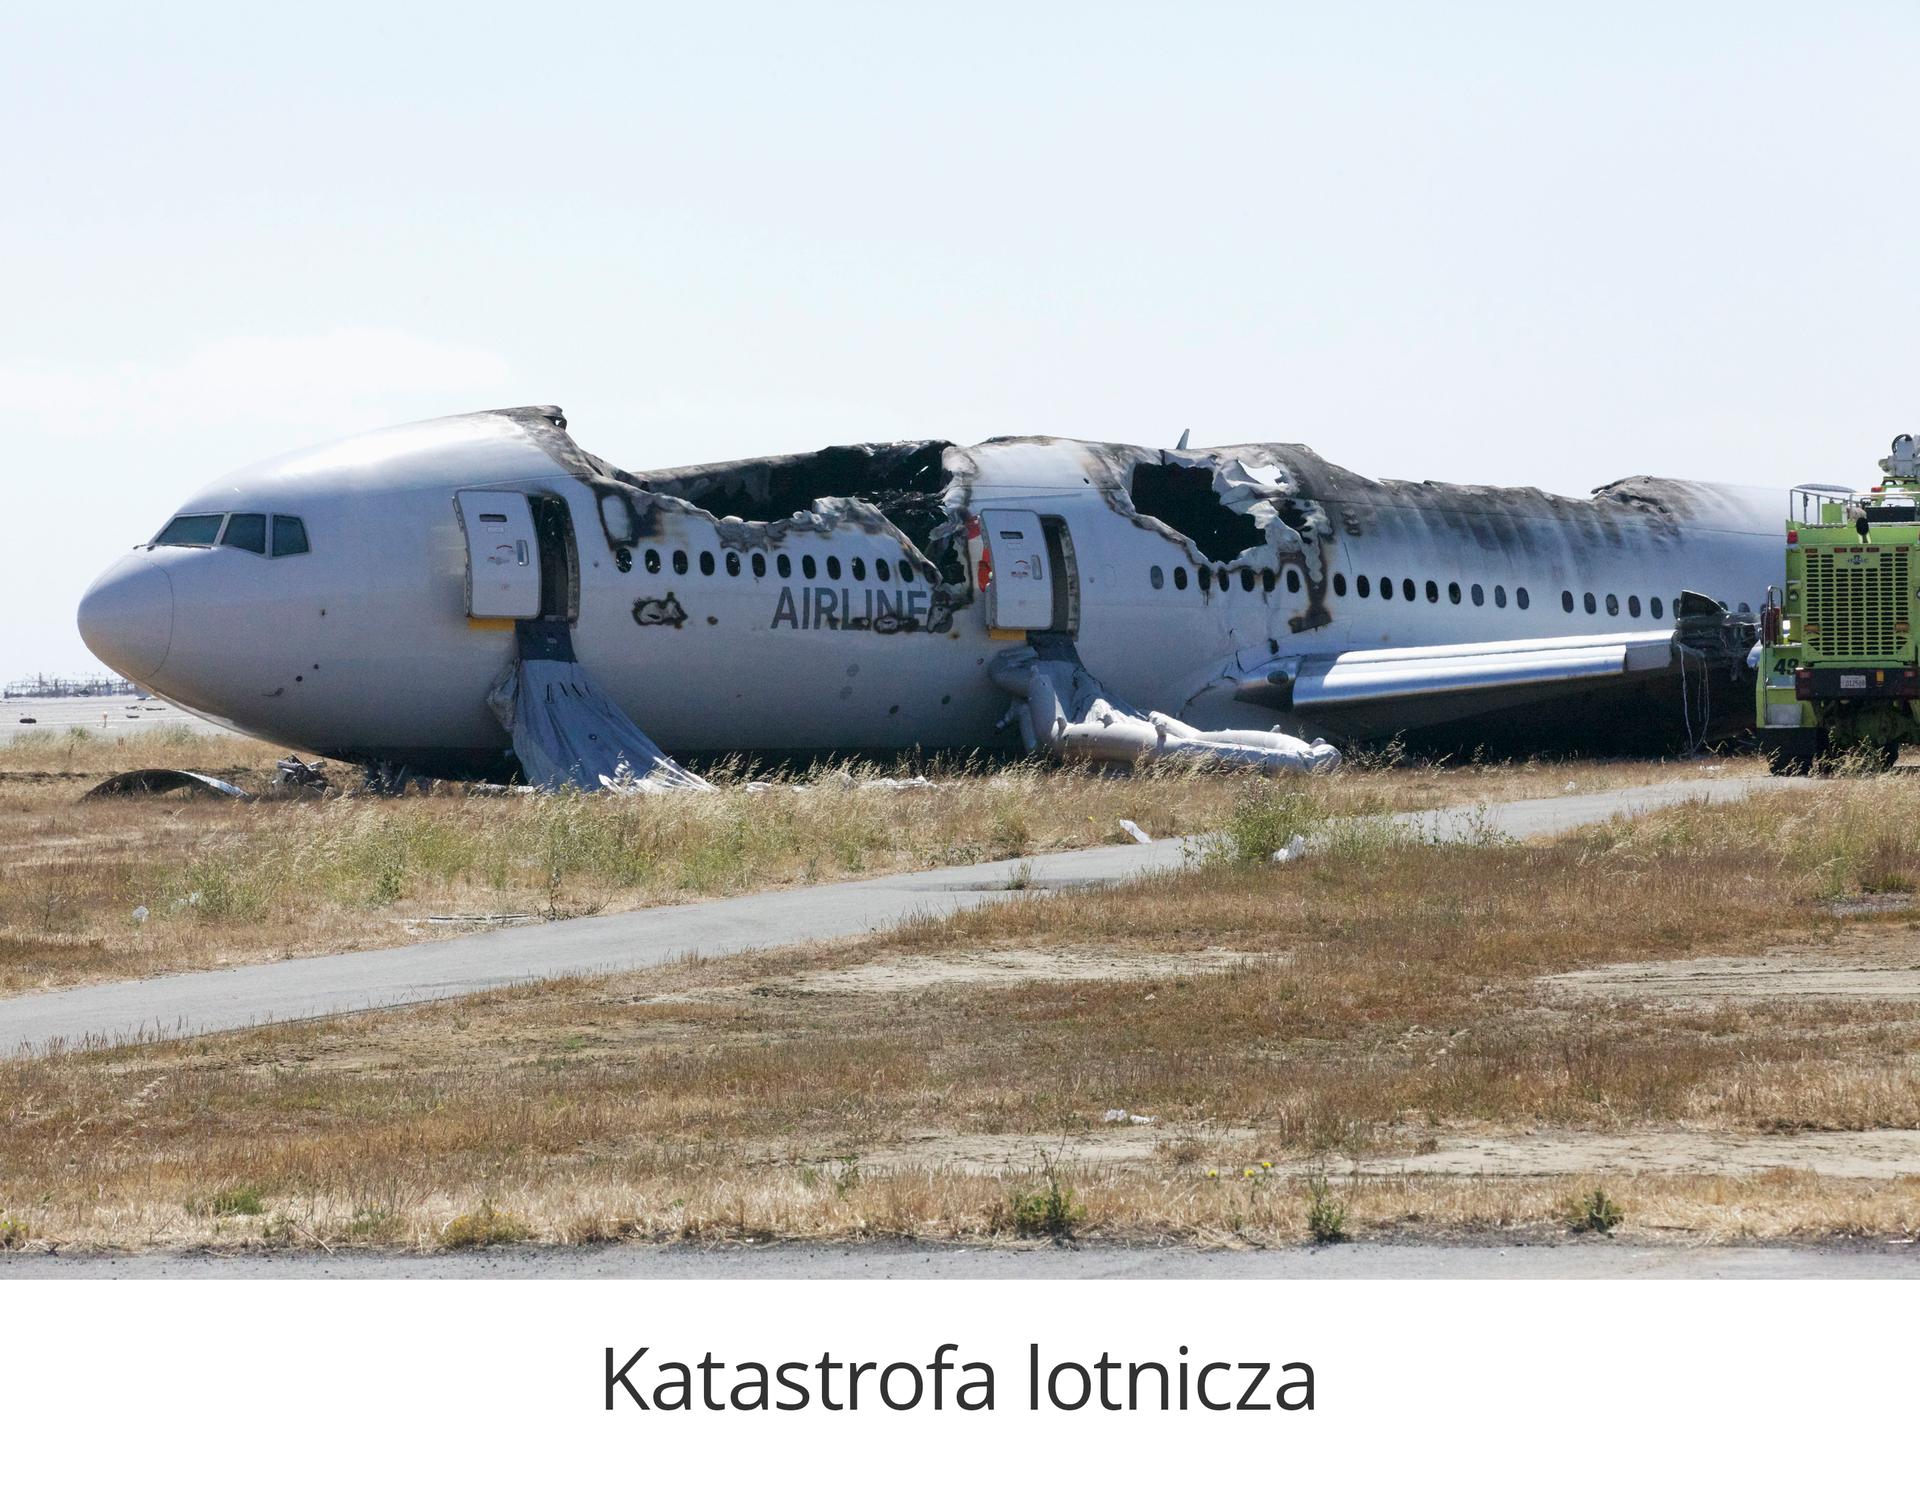 Zdjęcie 3 to katastrofa lotnicza. Rozbite kawałki samolotu ułożone wzdłuż piaszczystego terenu. Kokpit samolotu znajduje się po lewej stronie zdjęcia.